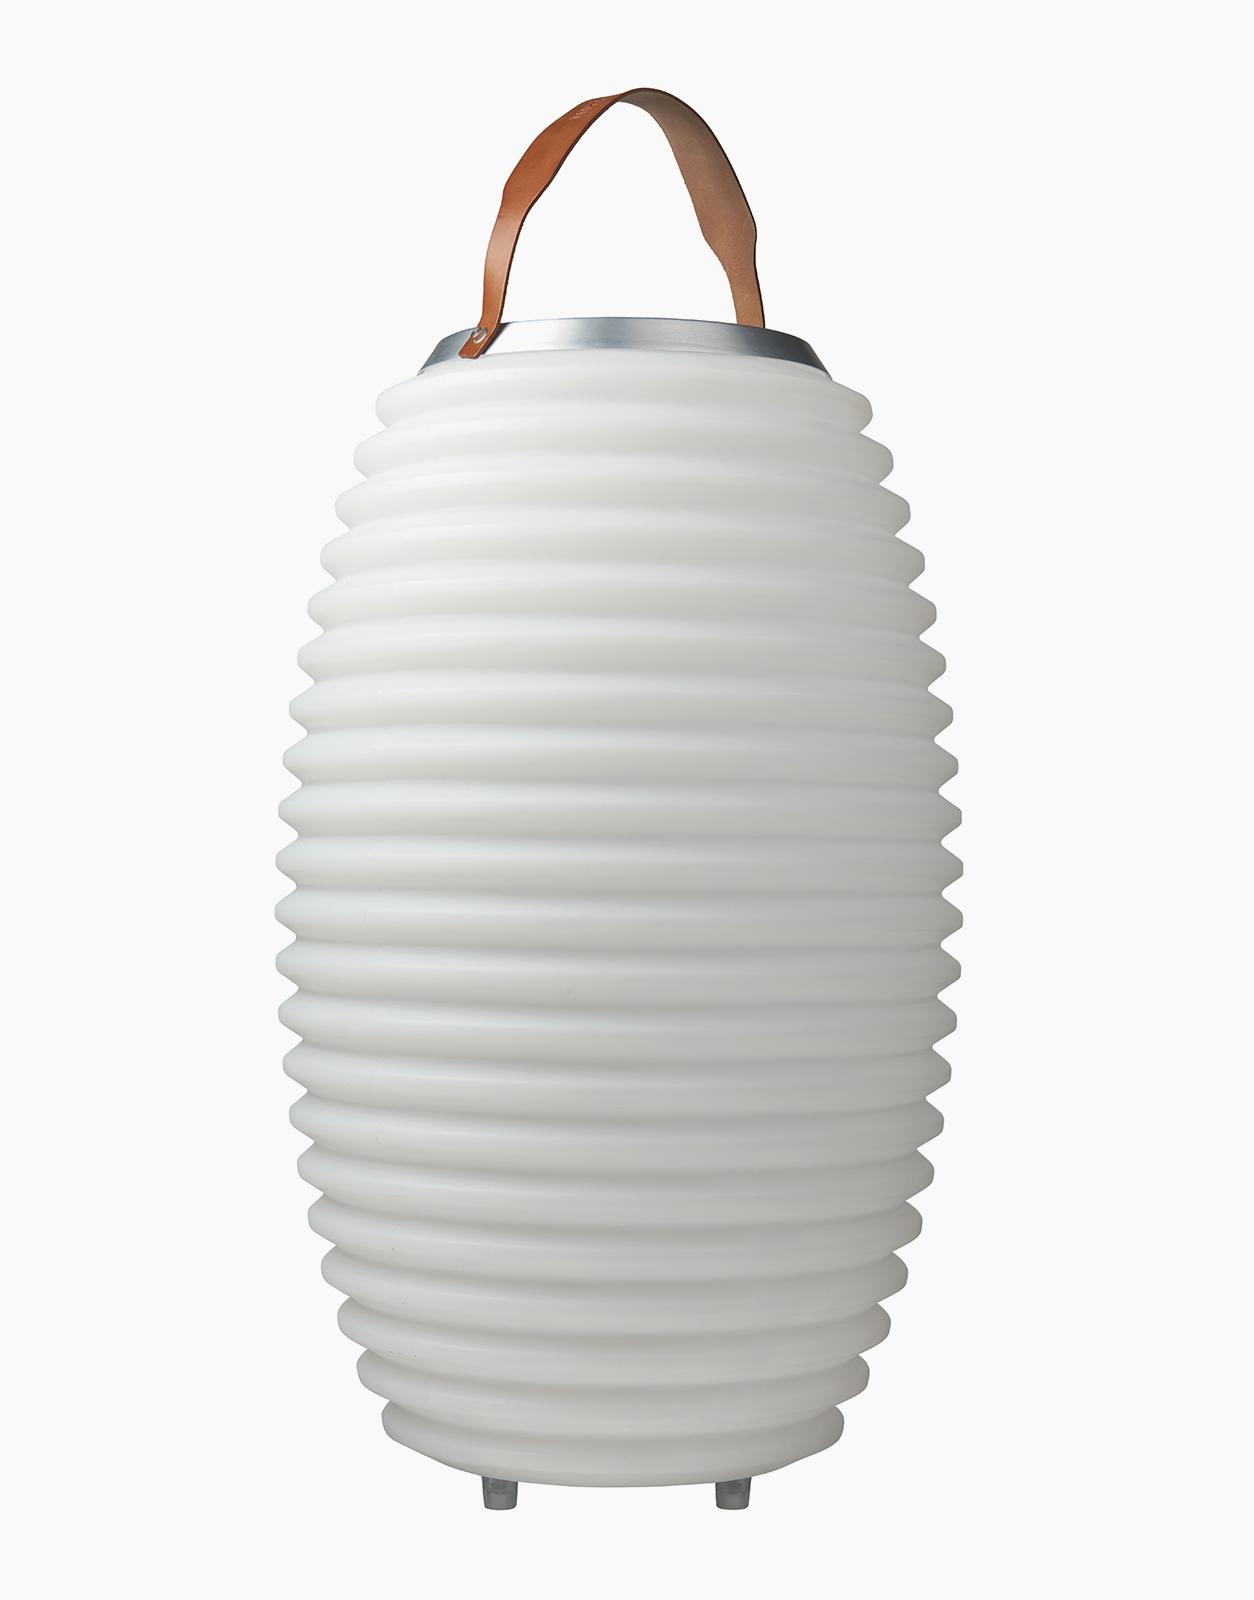 Objet solution design déco design vente en ligne plaid plaid doux